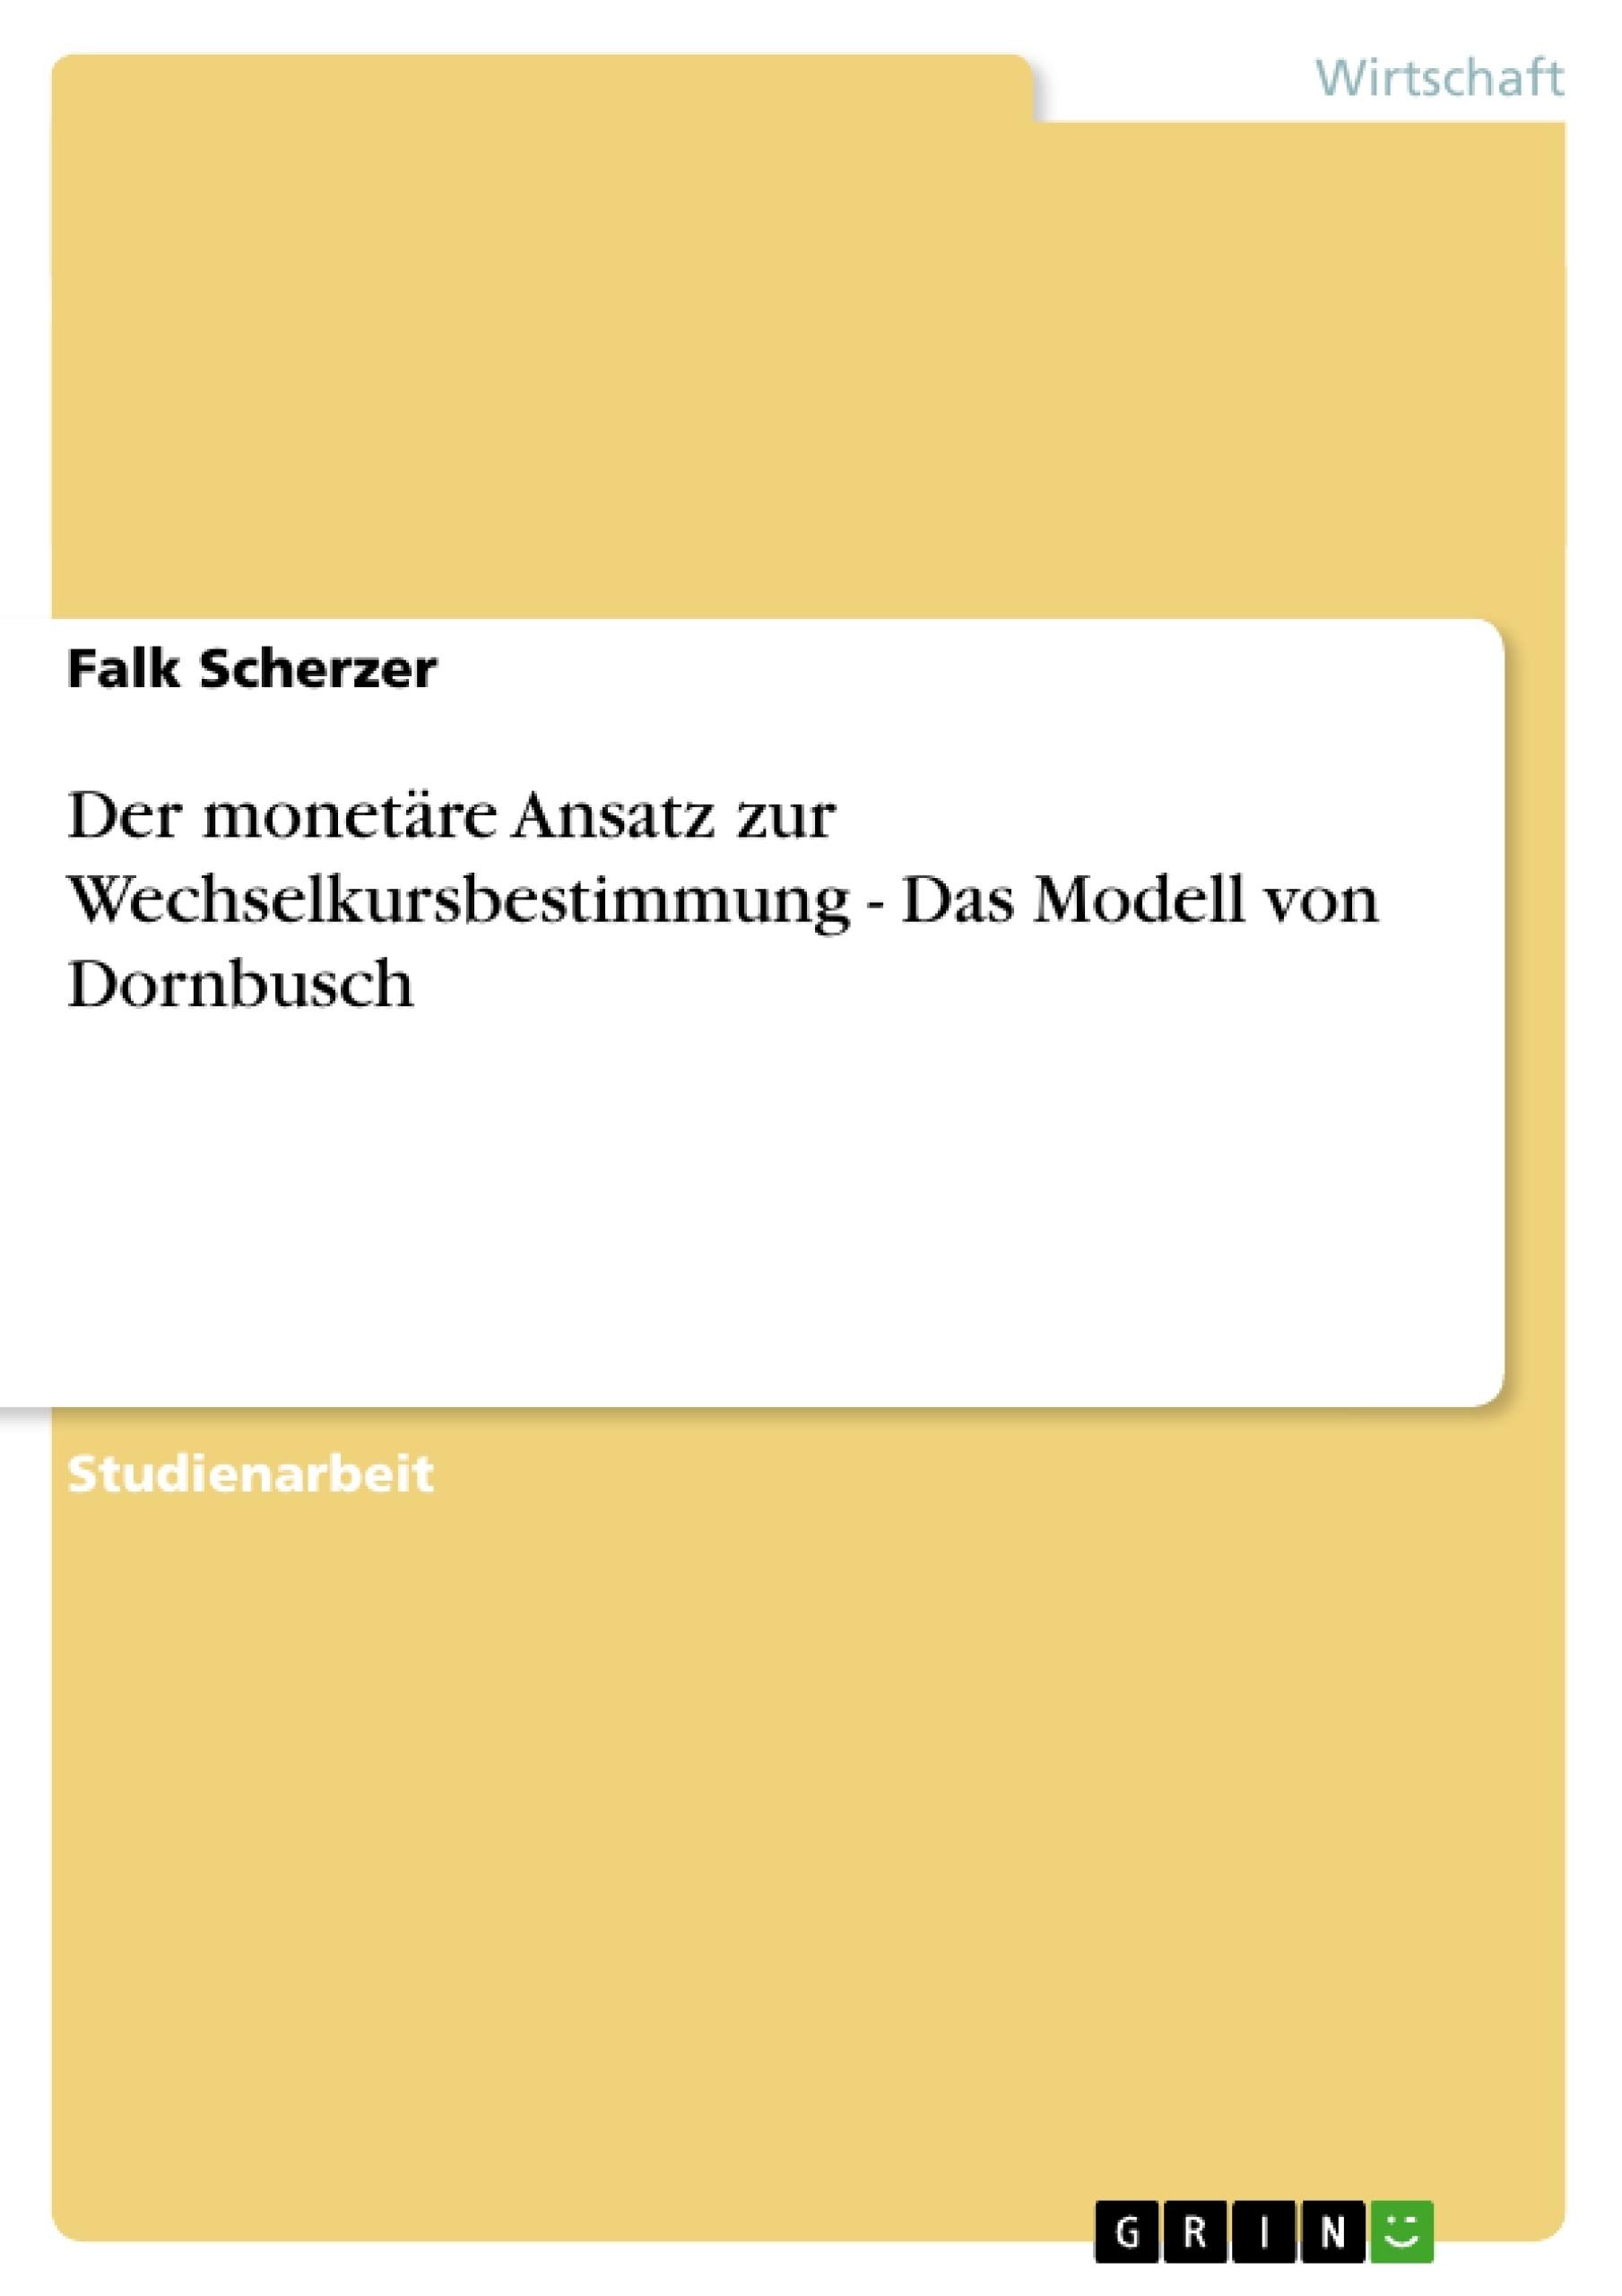 Titel: Der monetäre Ansatz zur Wechselkursbestimmung - Das Modell von Dornbusch